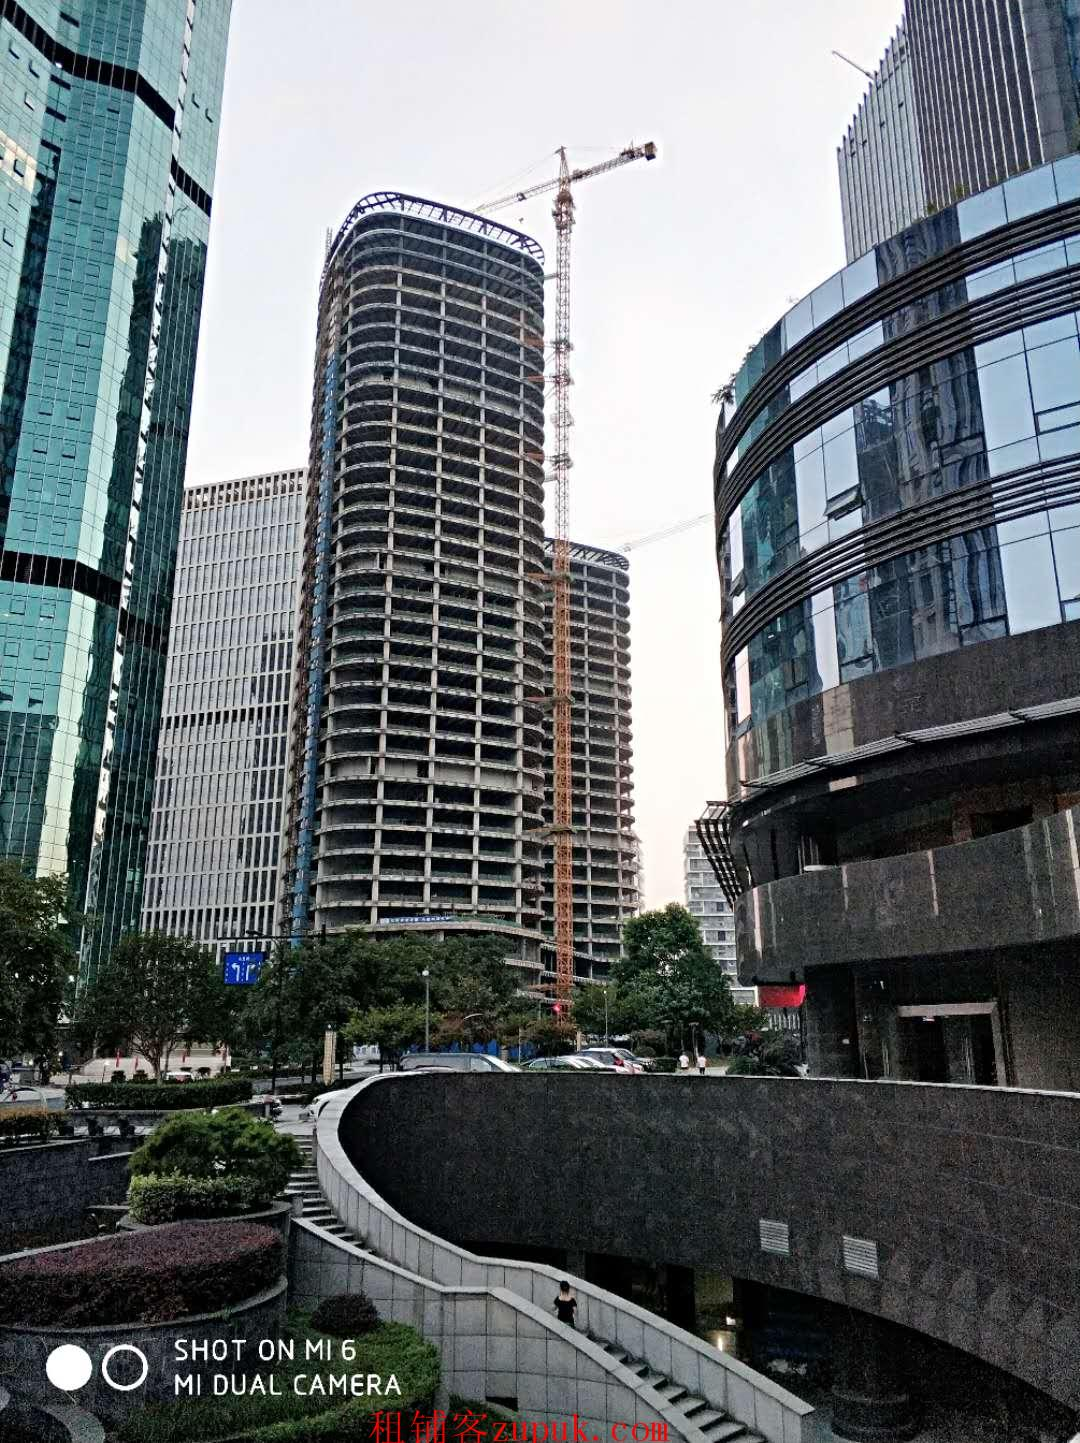 商业综合体 夜宵步行街 可做重餐饮炒菜火锅面食咖啡